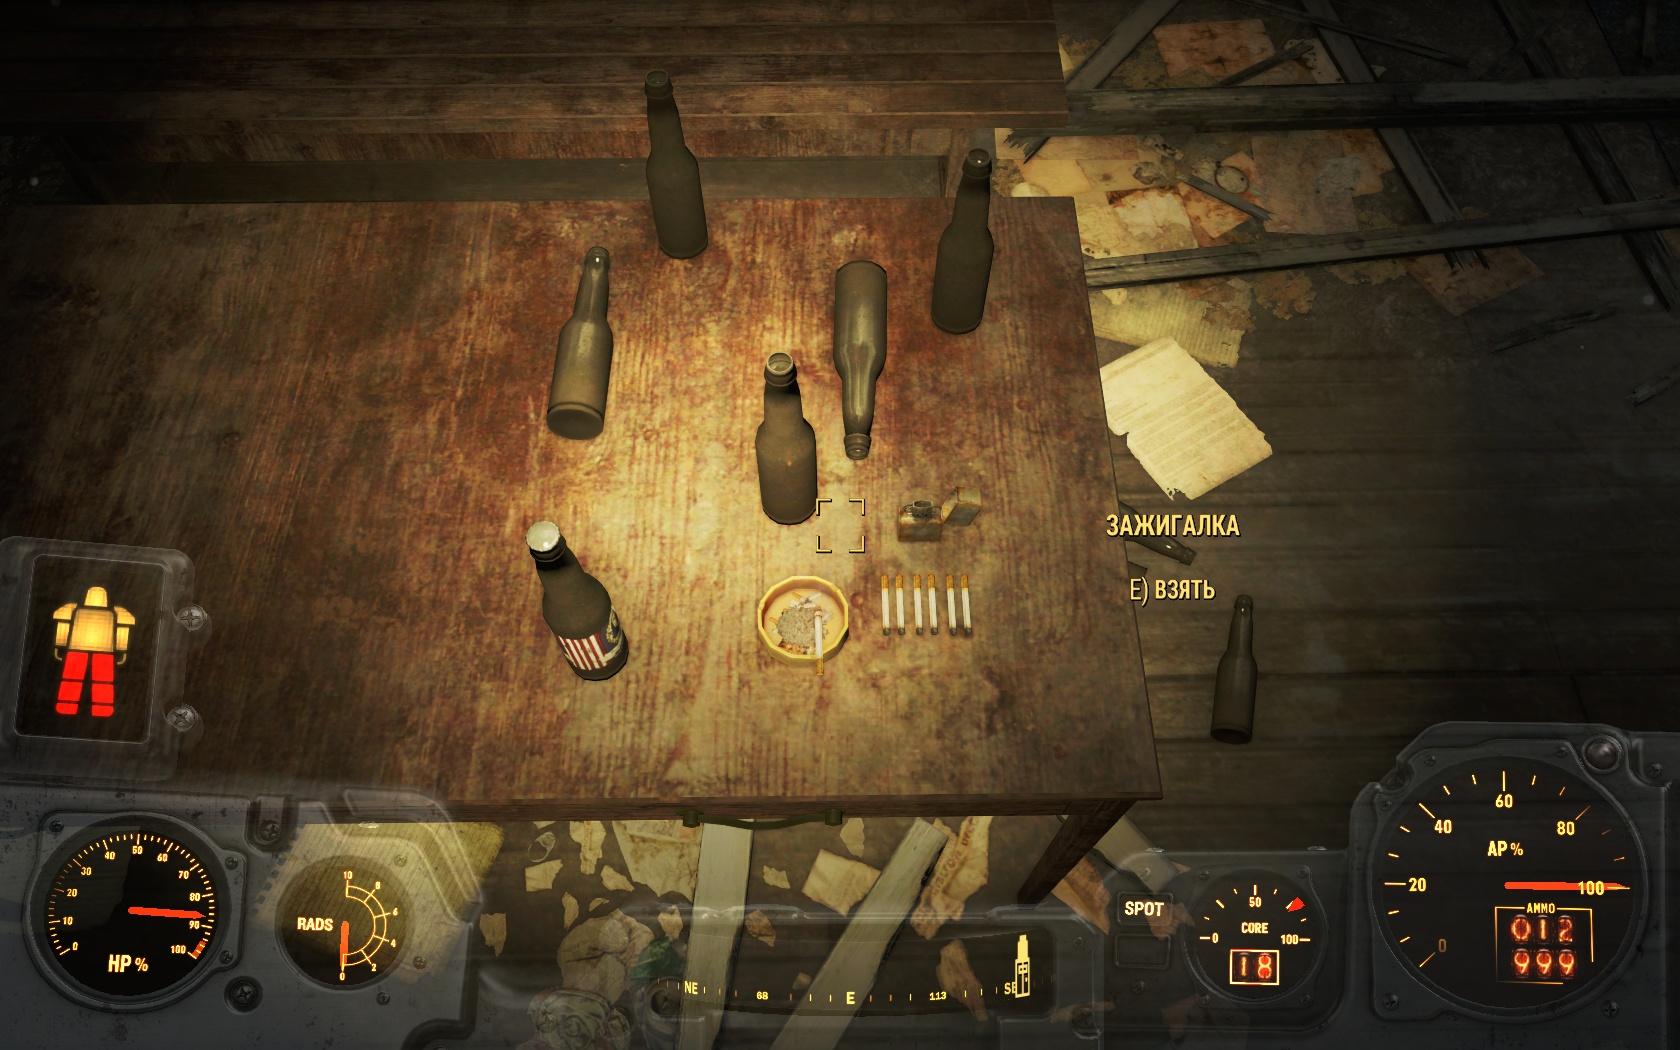 Педентичность высшей степени (Бар Клевер) - Fallout 4 Бар Клевер